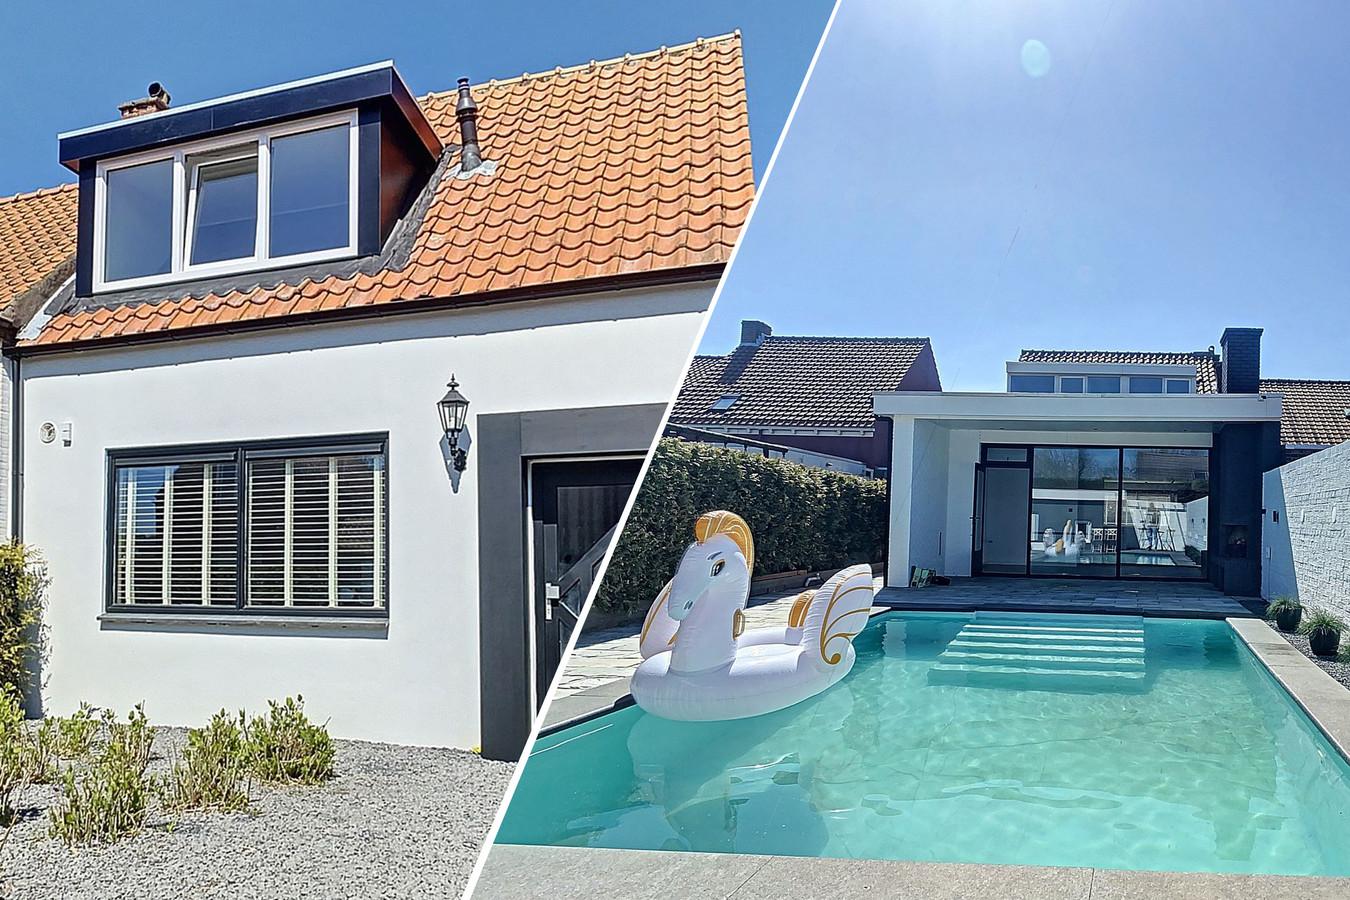 Huis met mooi zwembad in Biervliet.